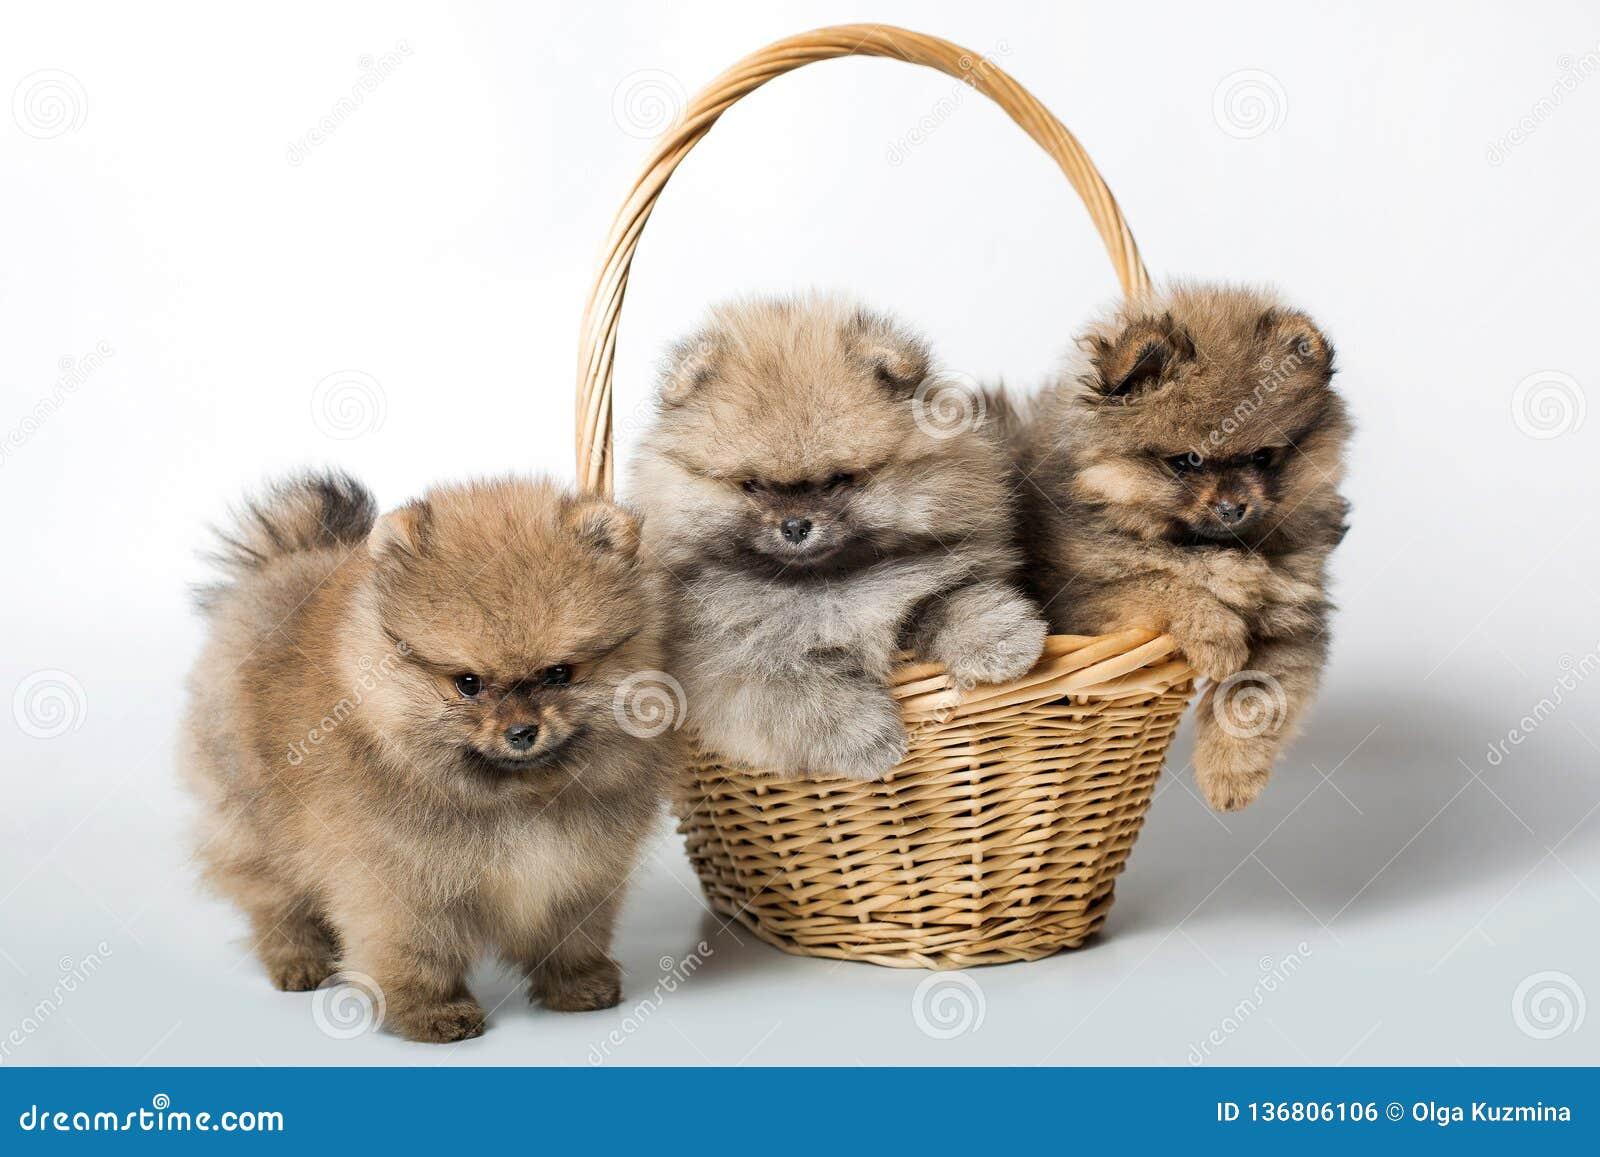 Three puppy dog in basket